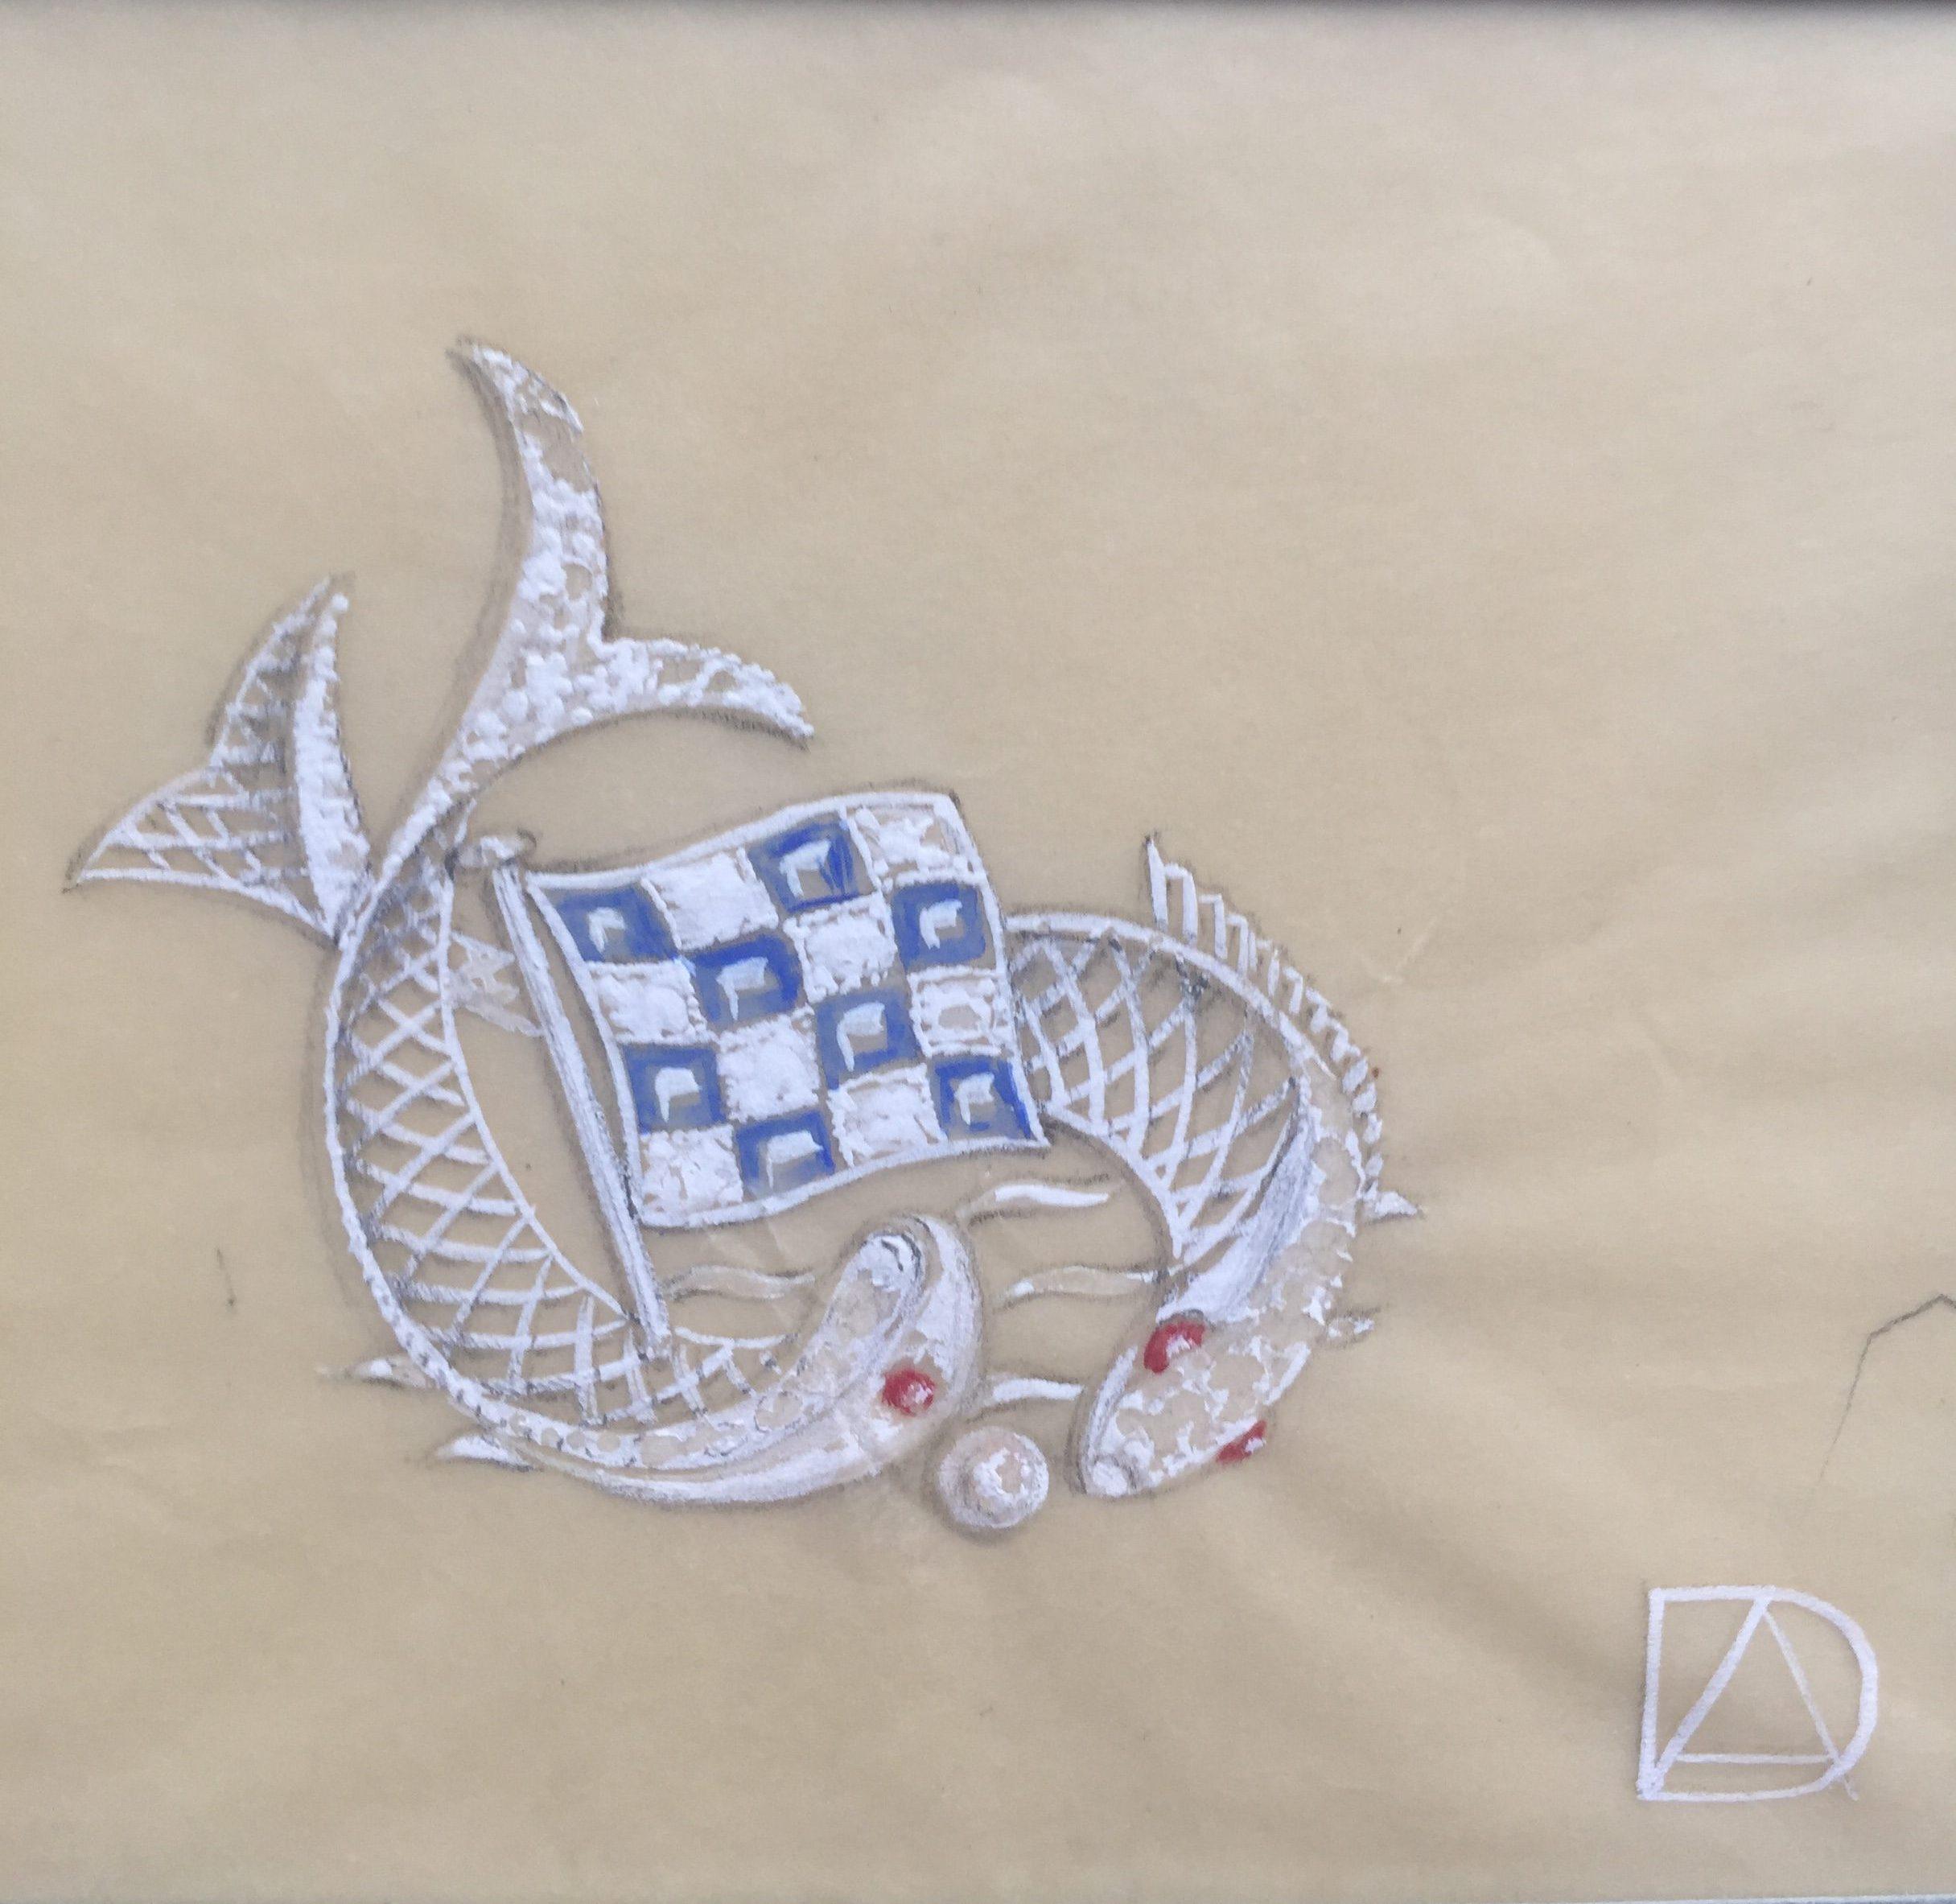 Archibald Dumbar, ontwerptekening broche, in of voor 1956. Particuliere verzameling, papier, verf